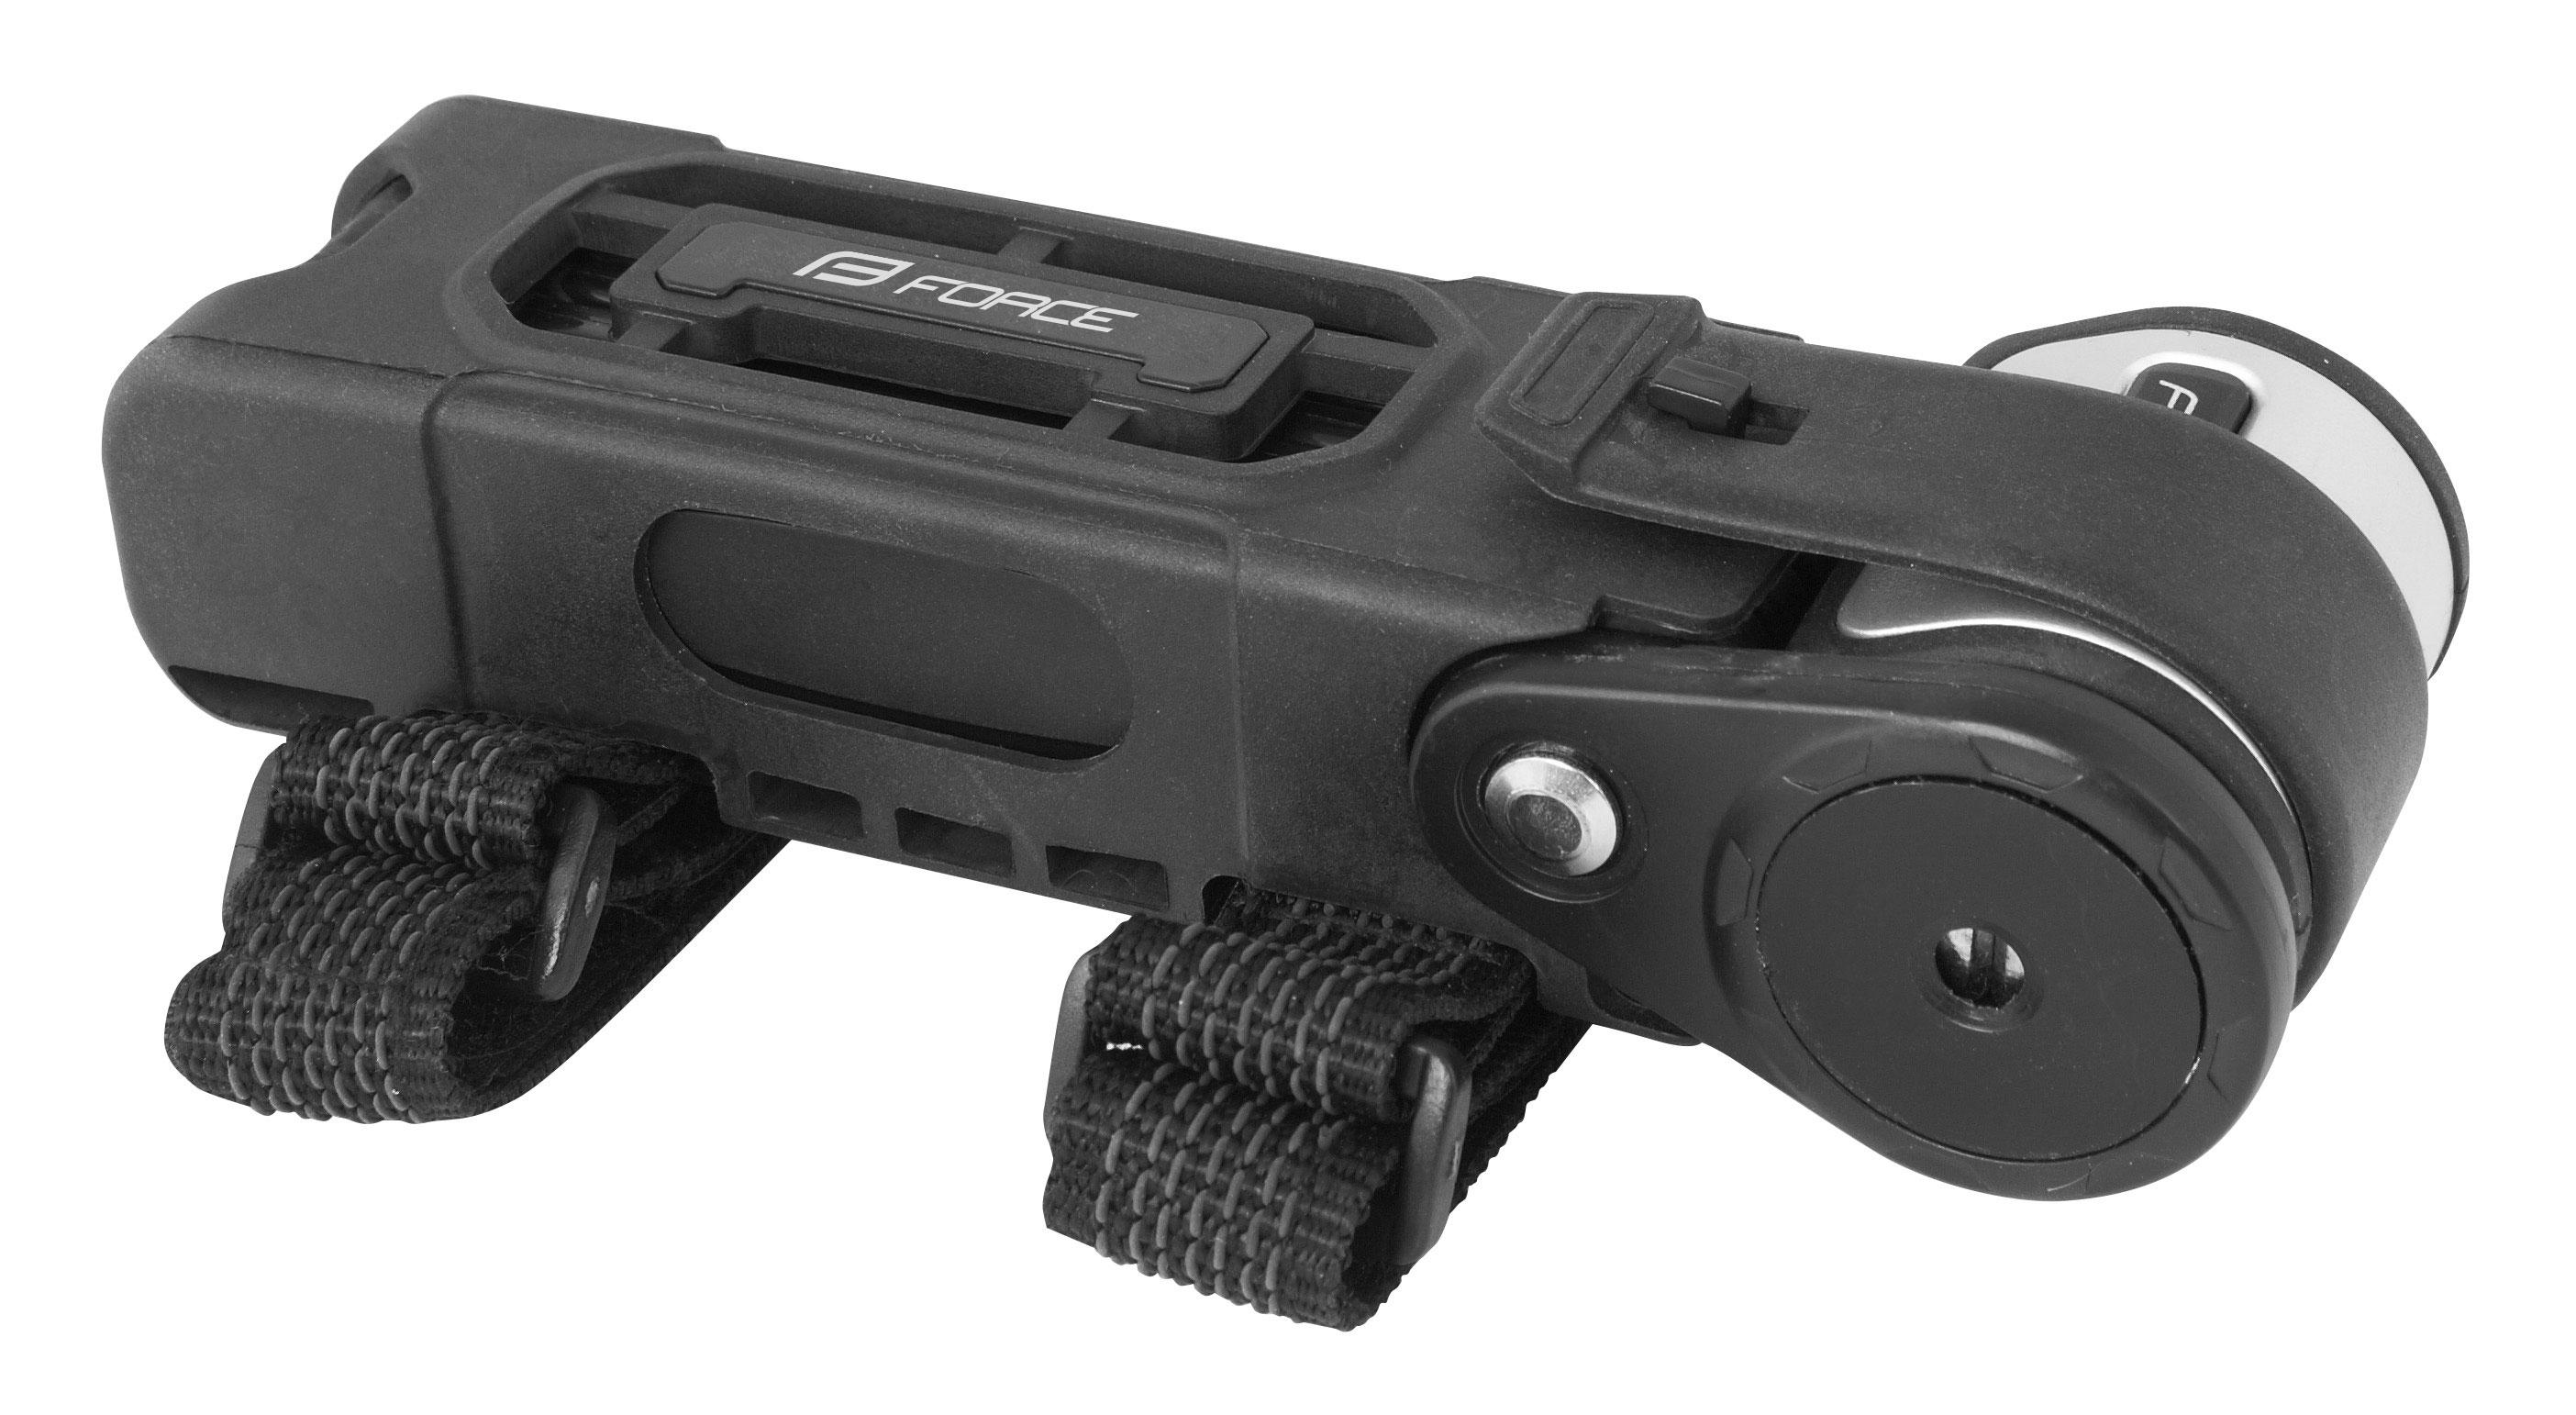 zámek FORCE FOLD skládací 80 cm, 6 článků, černý+držák